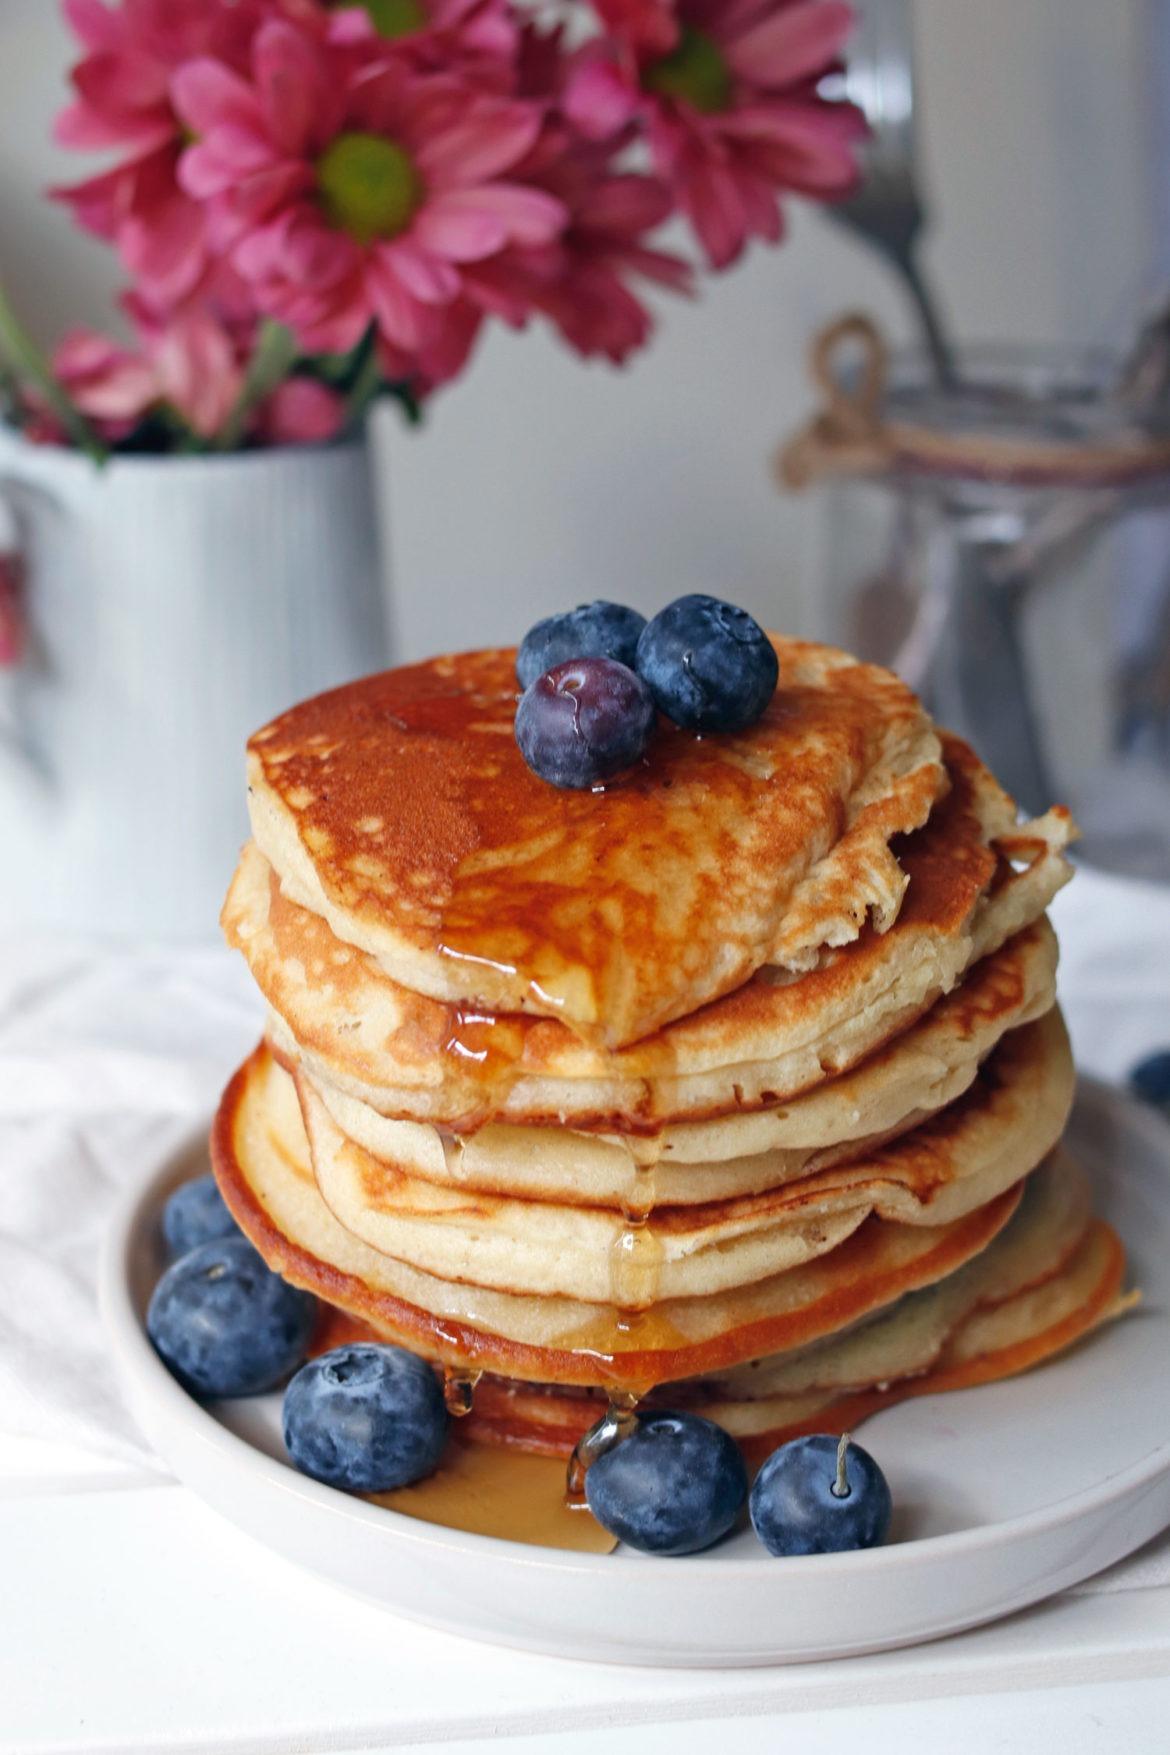 Rezept Blaubeerpfannkuchen. Grundrezept Pancakes. Pancakes mit Blaubeeren und anderen Früchten.